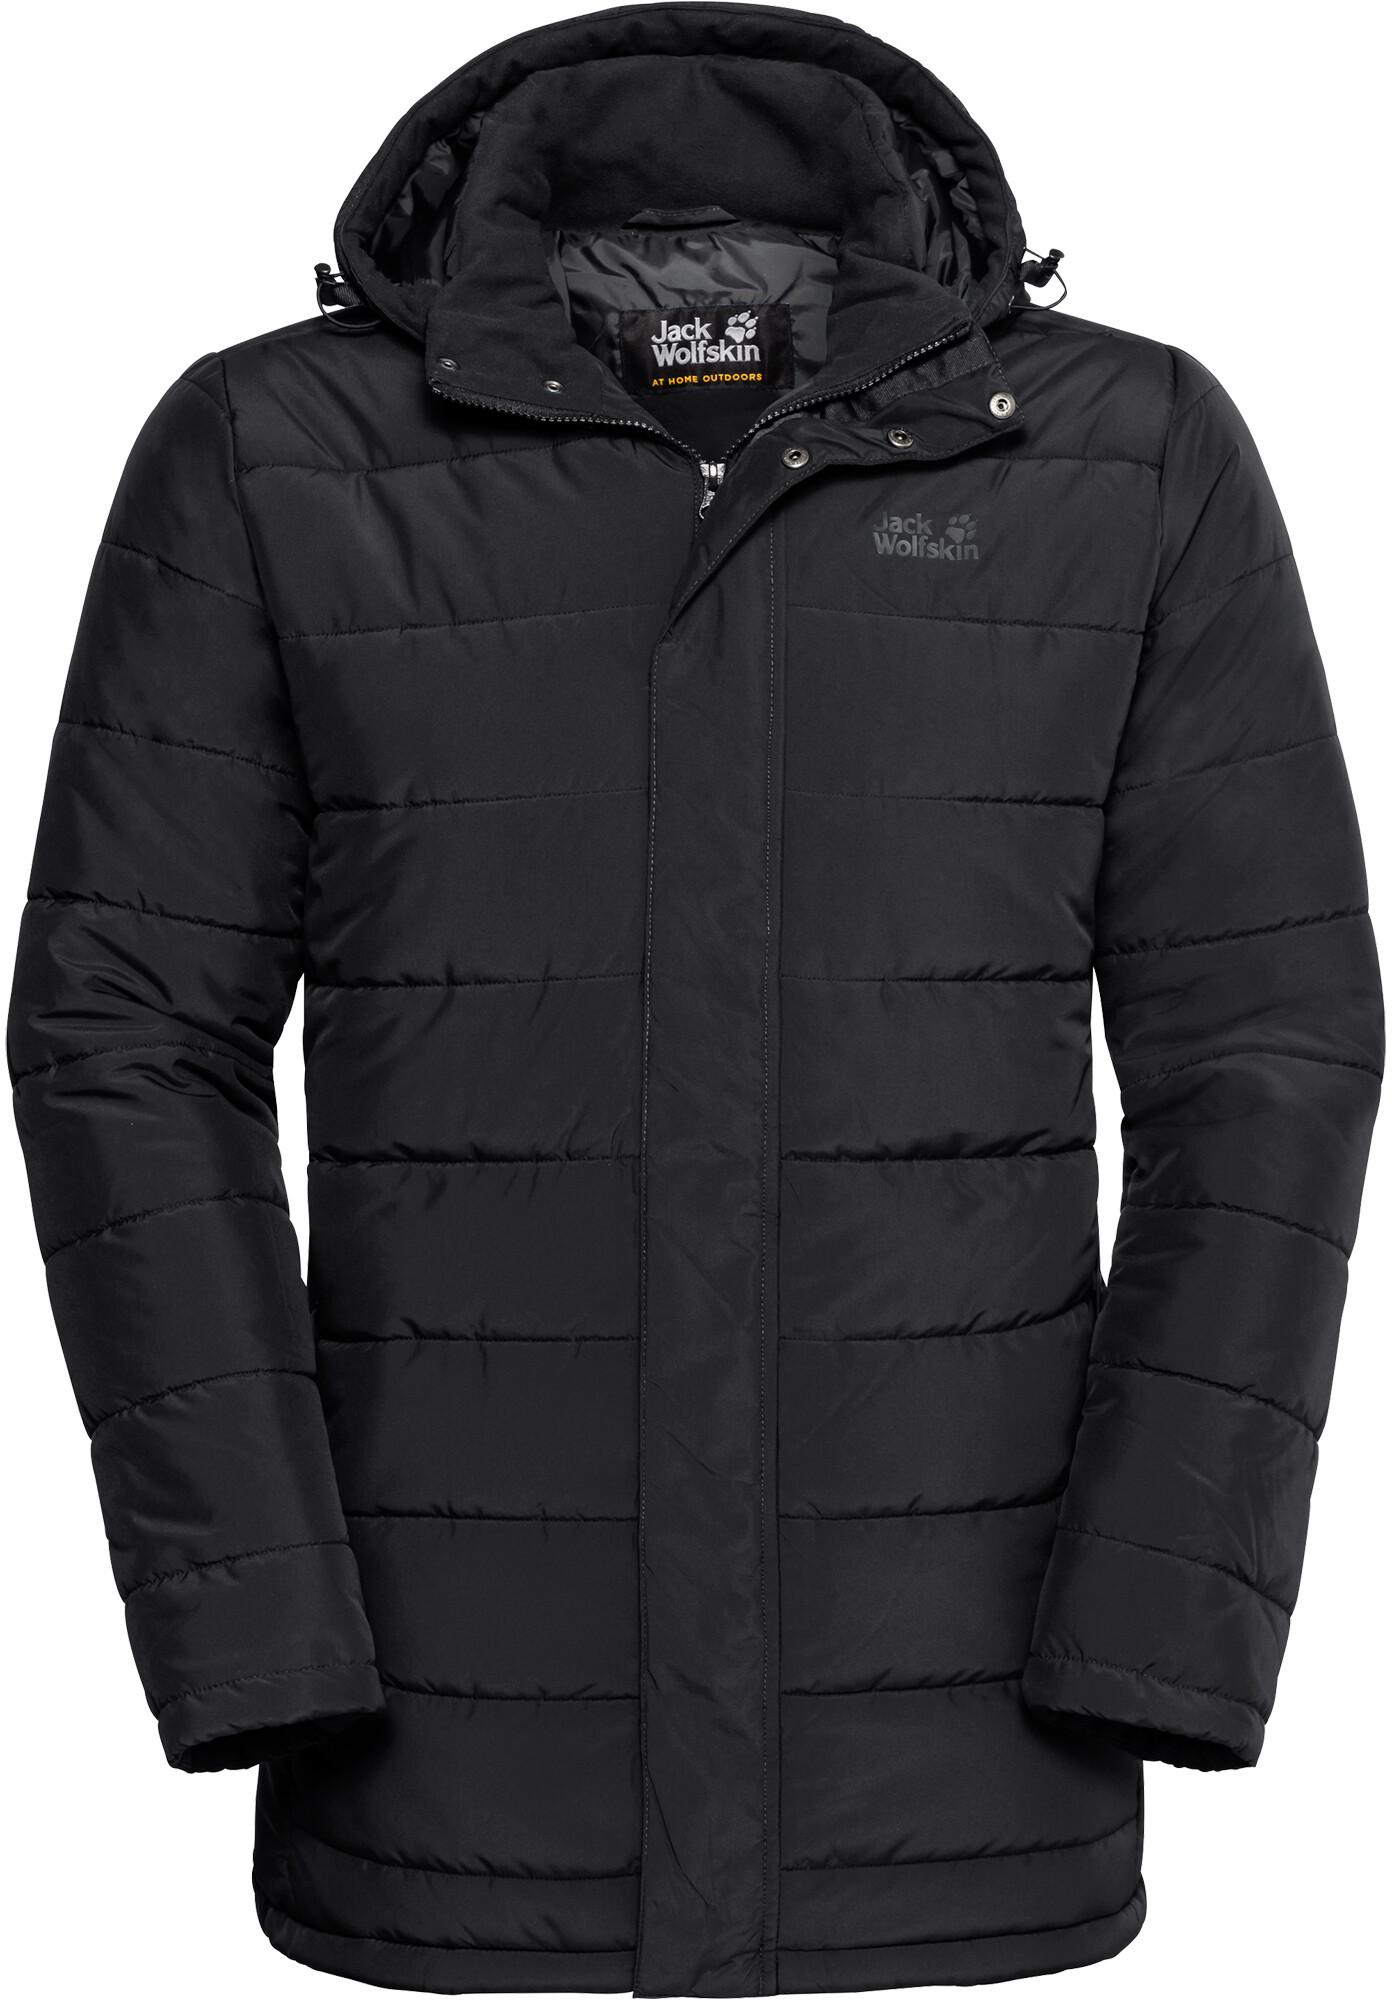 Jack Wolfskin Svalbard Coat Men black at Addnature.co.uk